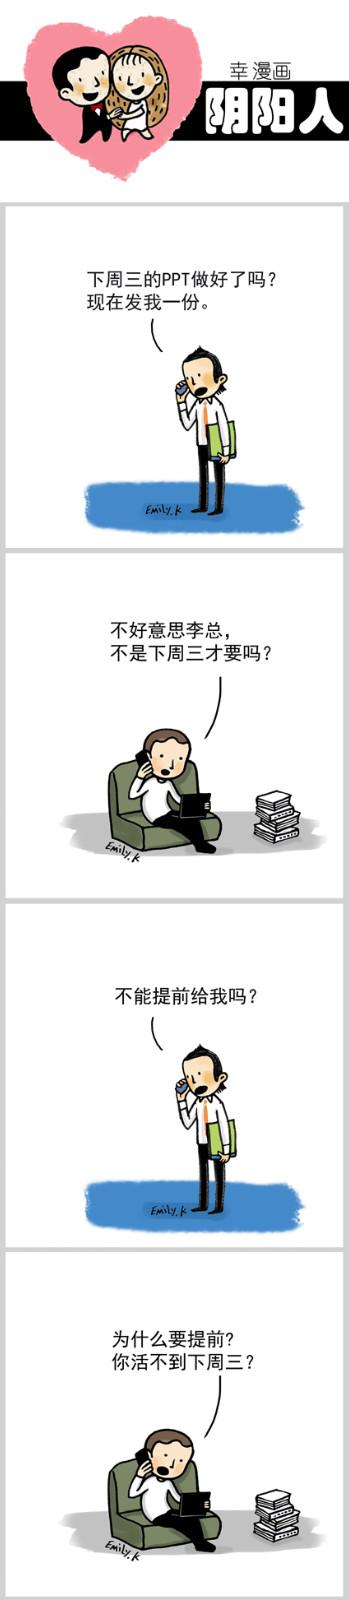 【邝幸漫畫】《阴阳人》如此下属你咋办?_图1-1